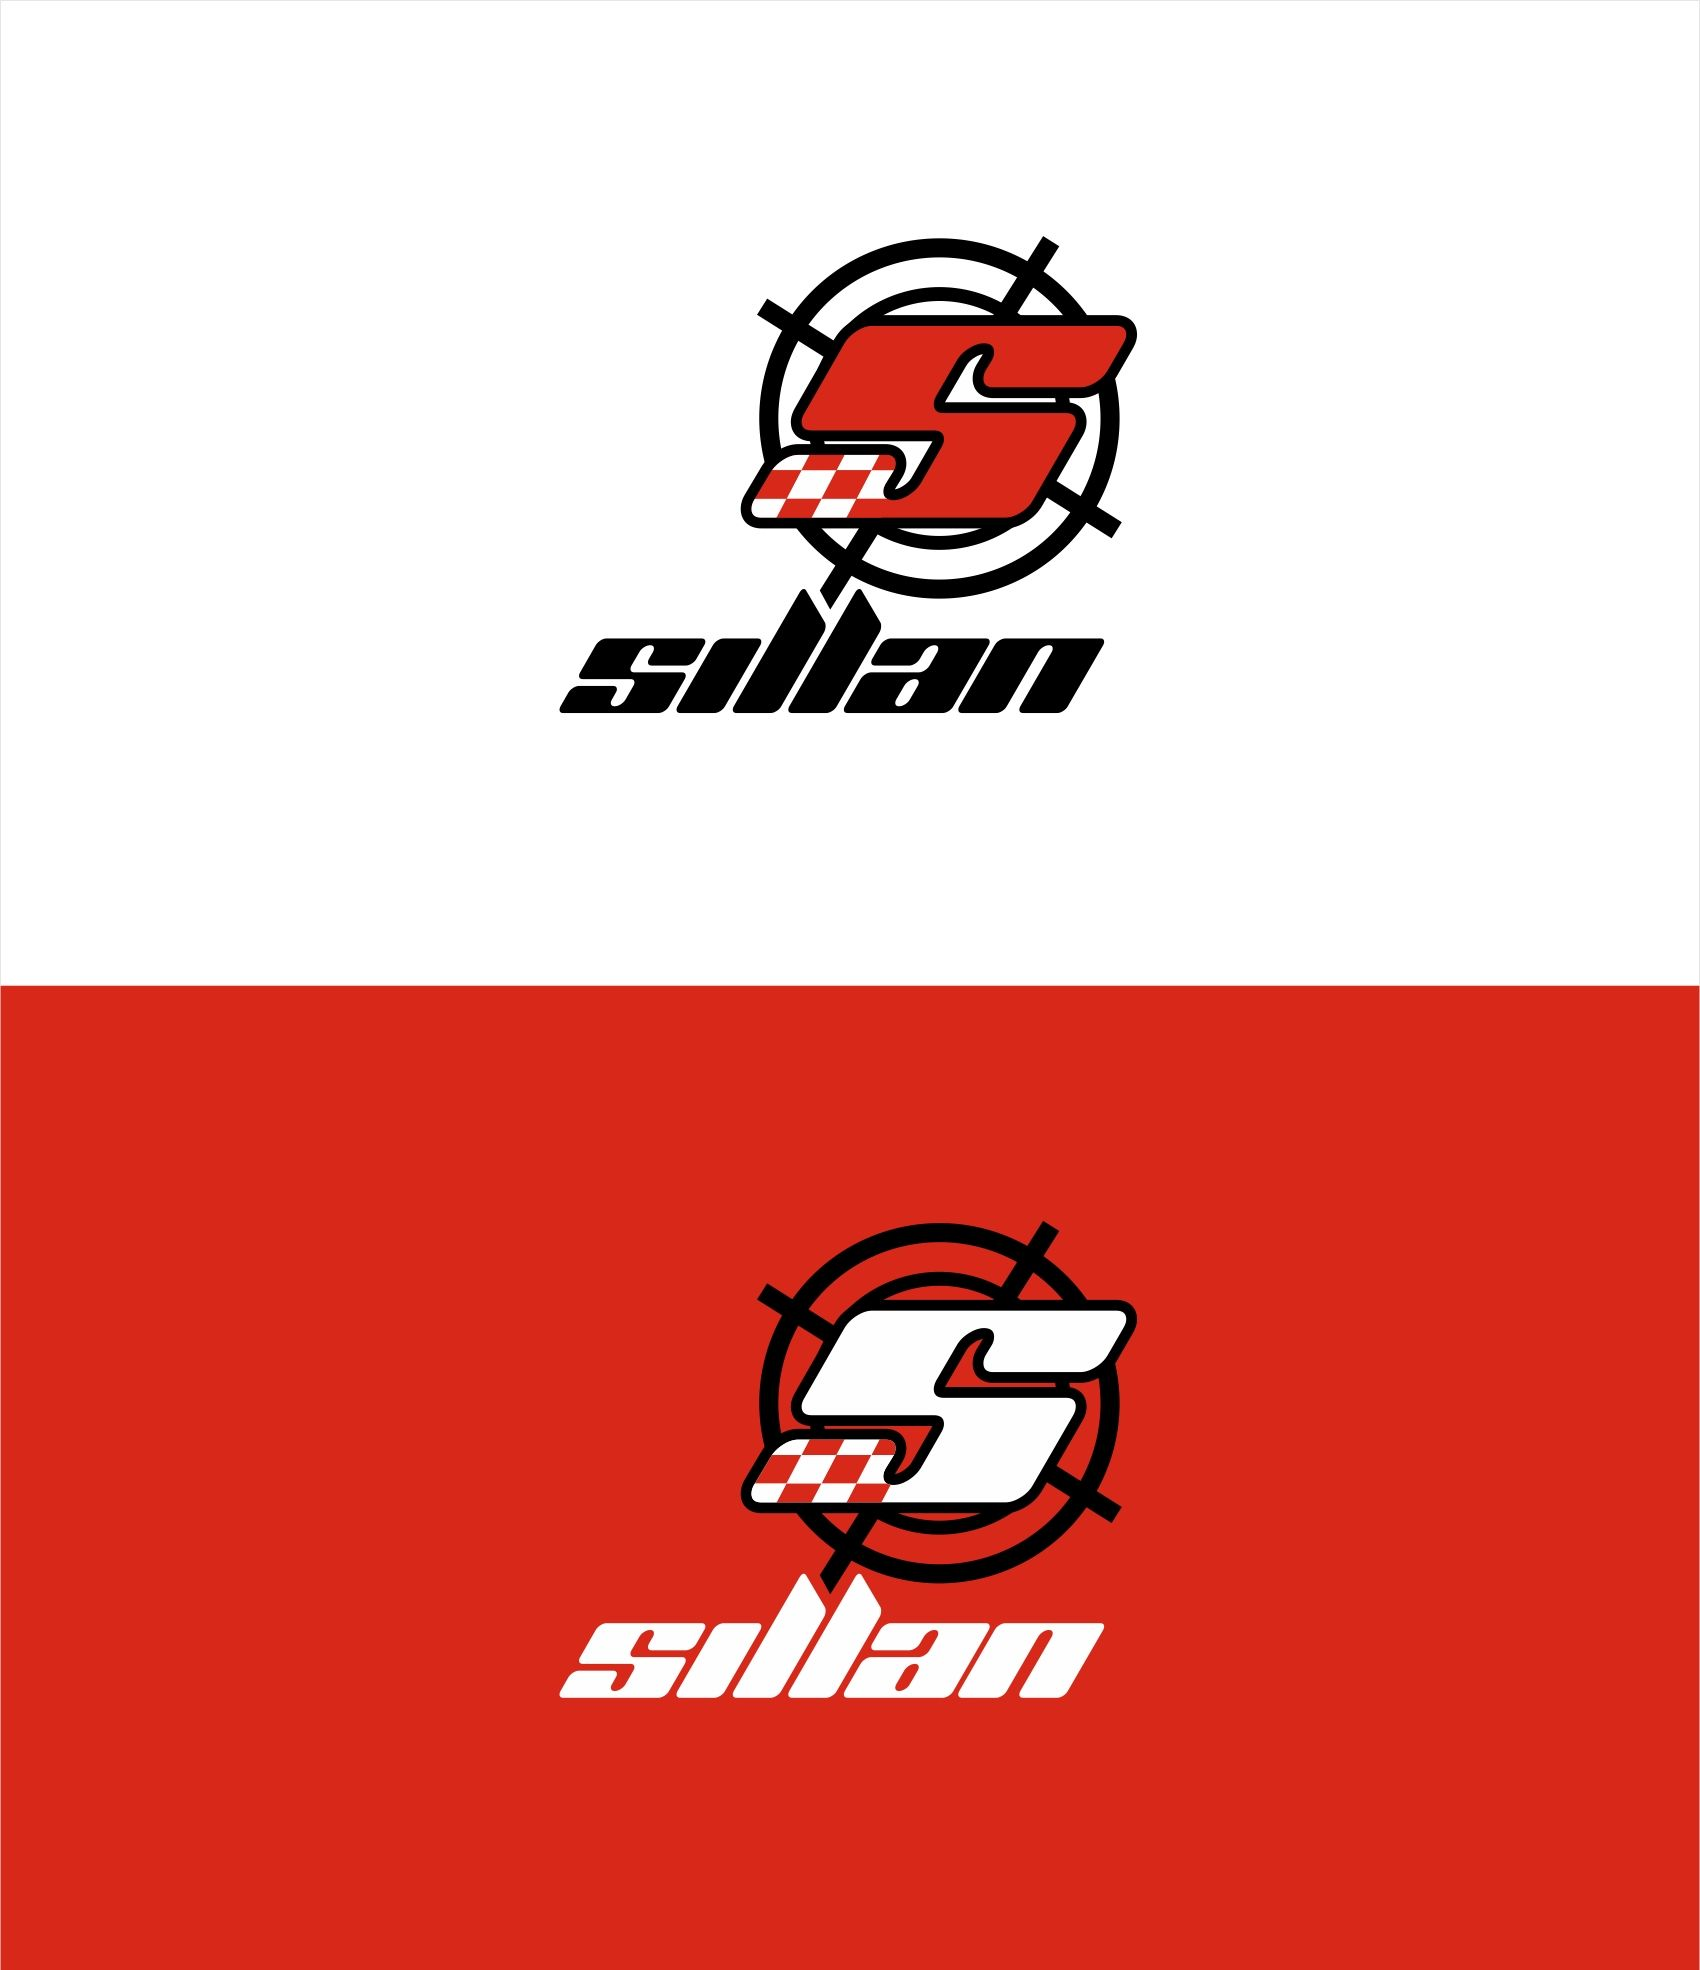 Логотип для Sillan - дизайнер kras-sky